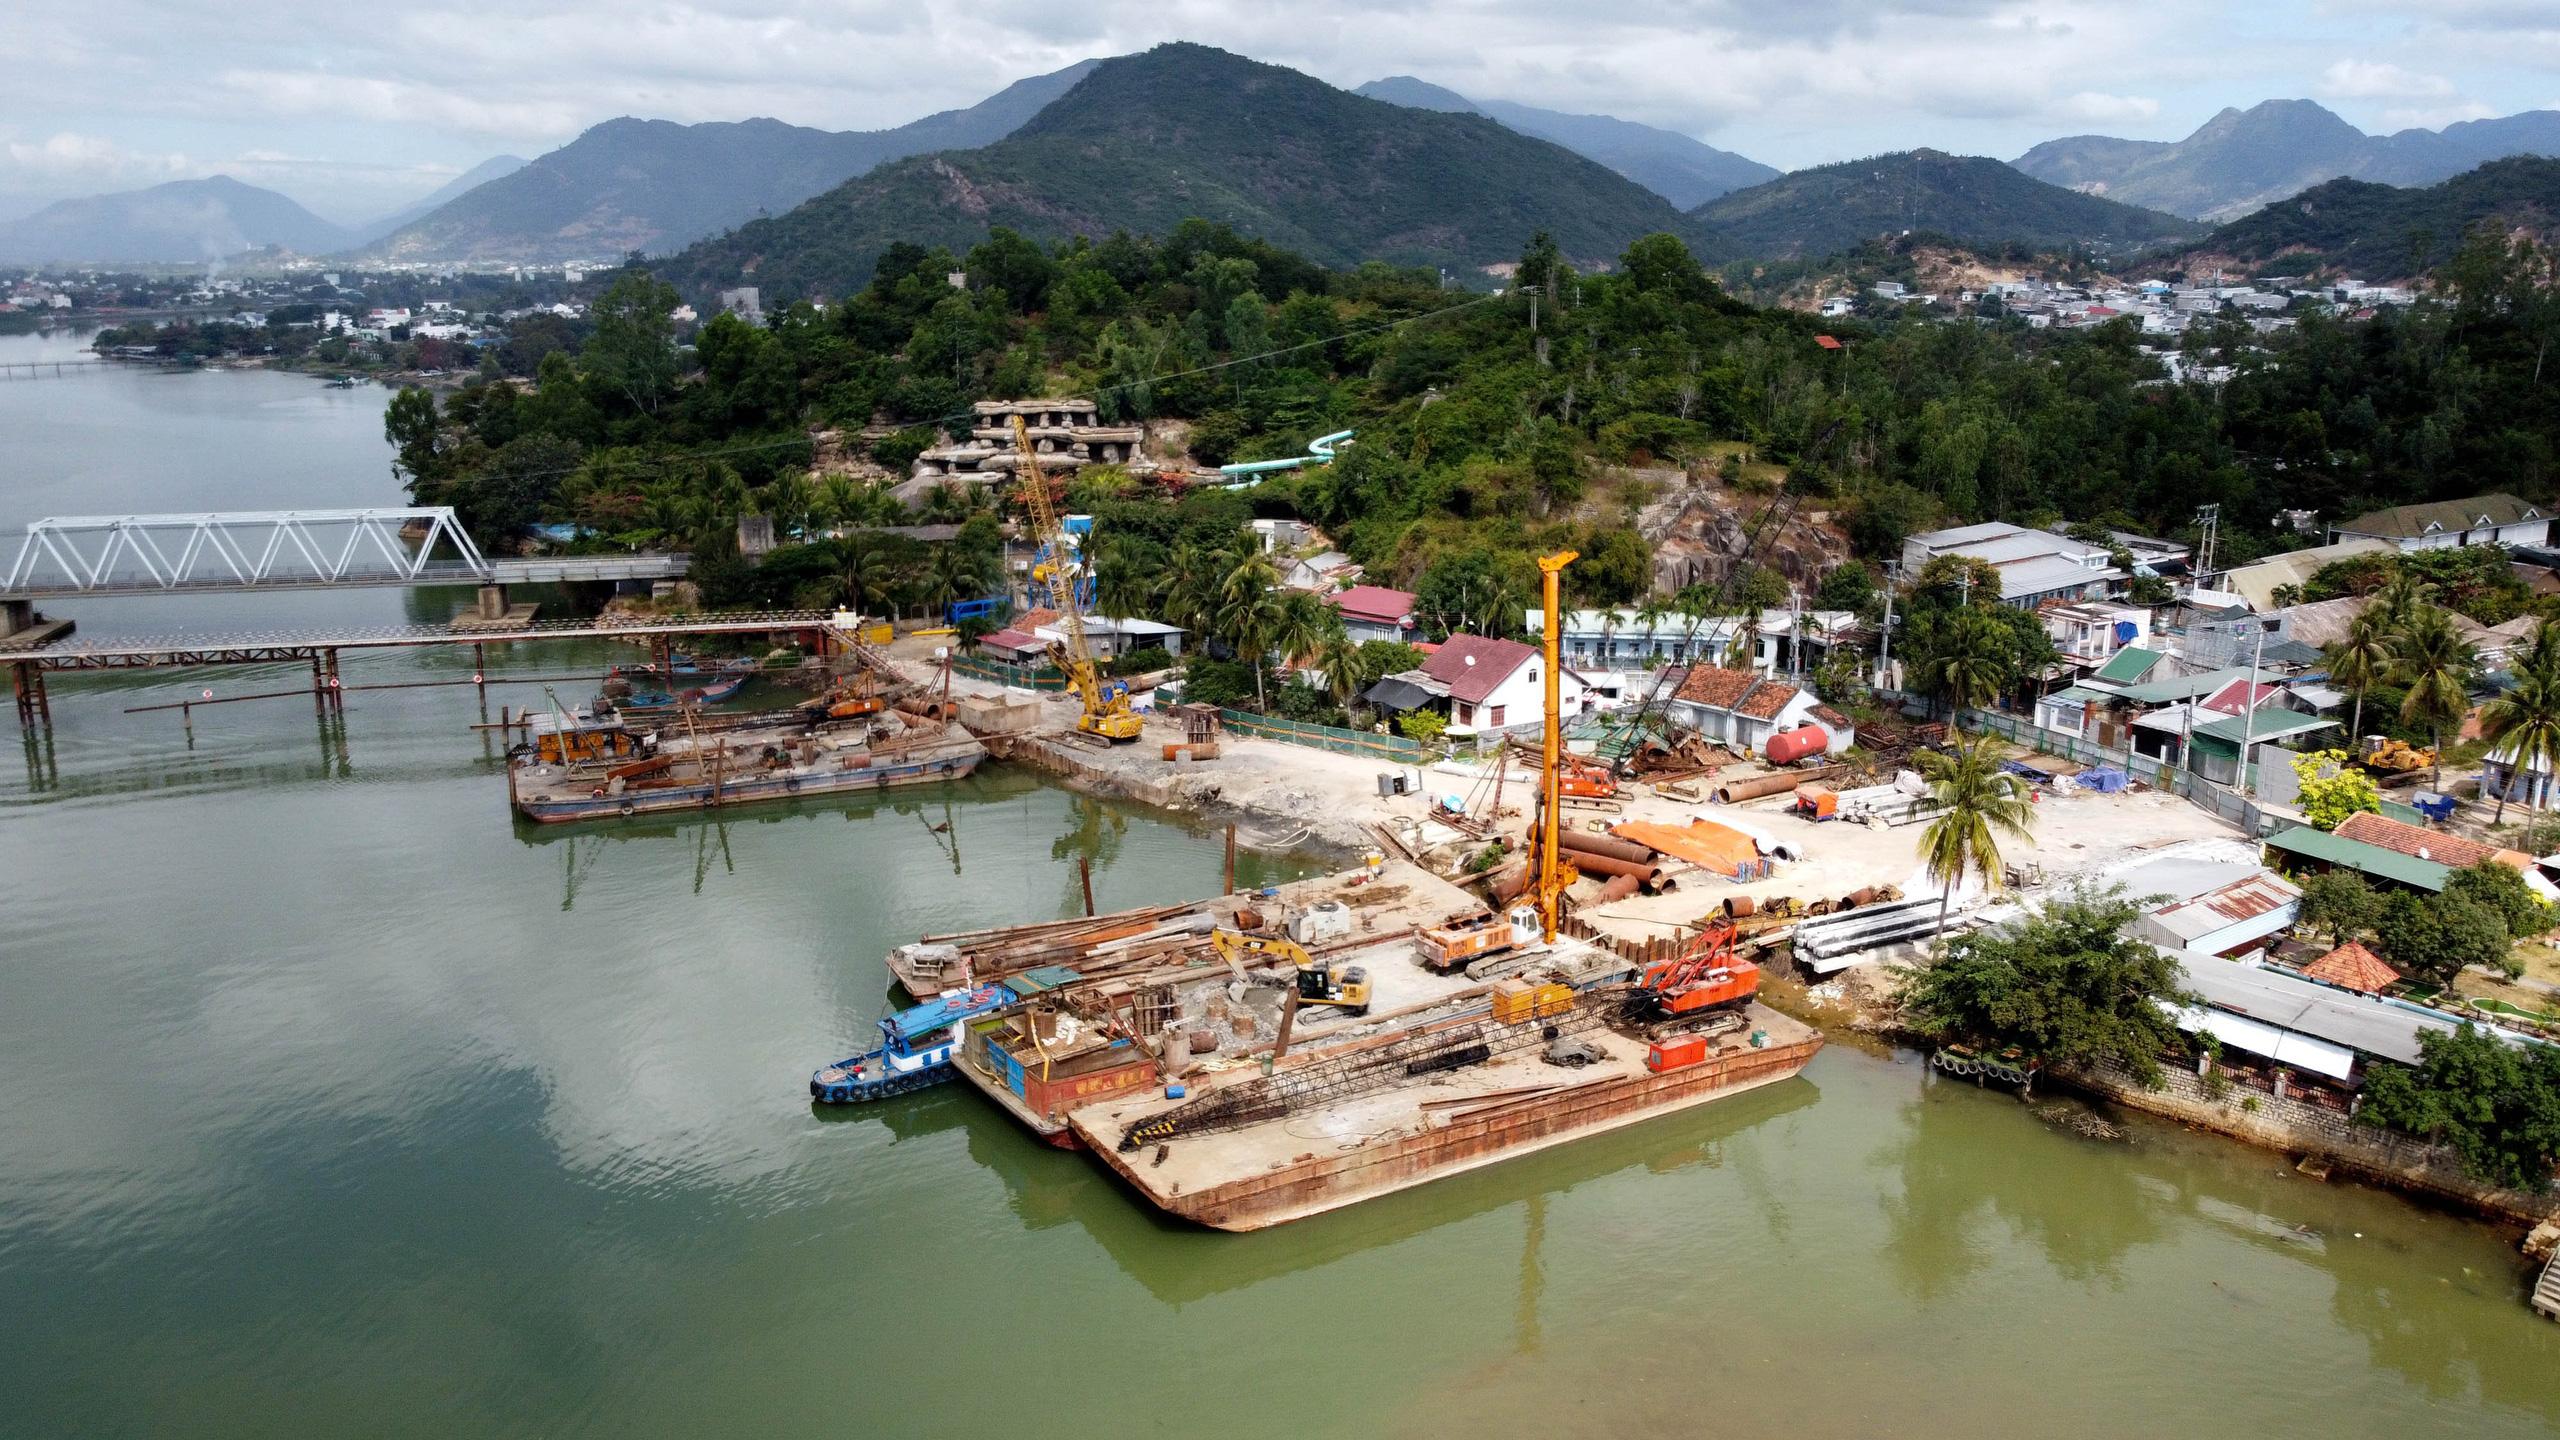 Bắc Ninh, Thừa Thiên - Huế, Khánh Hòa đã chuẩn bị những gì để trở thành thành phố trực thuộc Trung ương? - Ảnh 6.